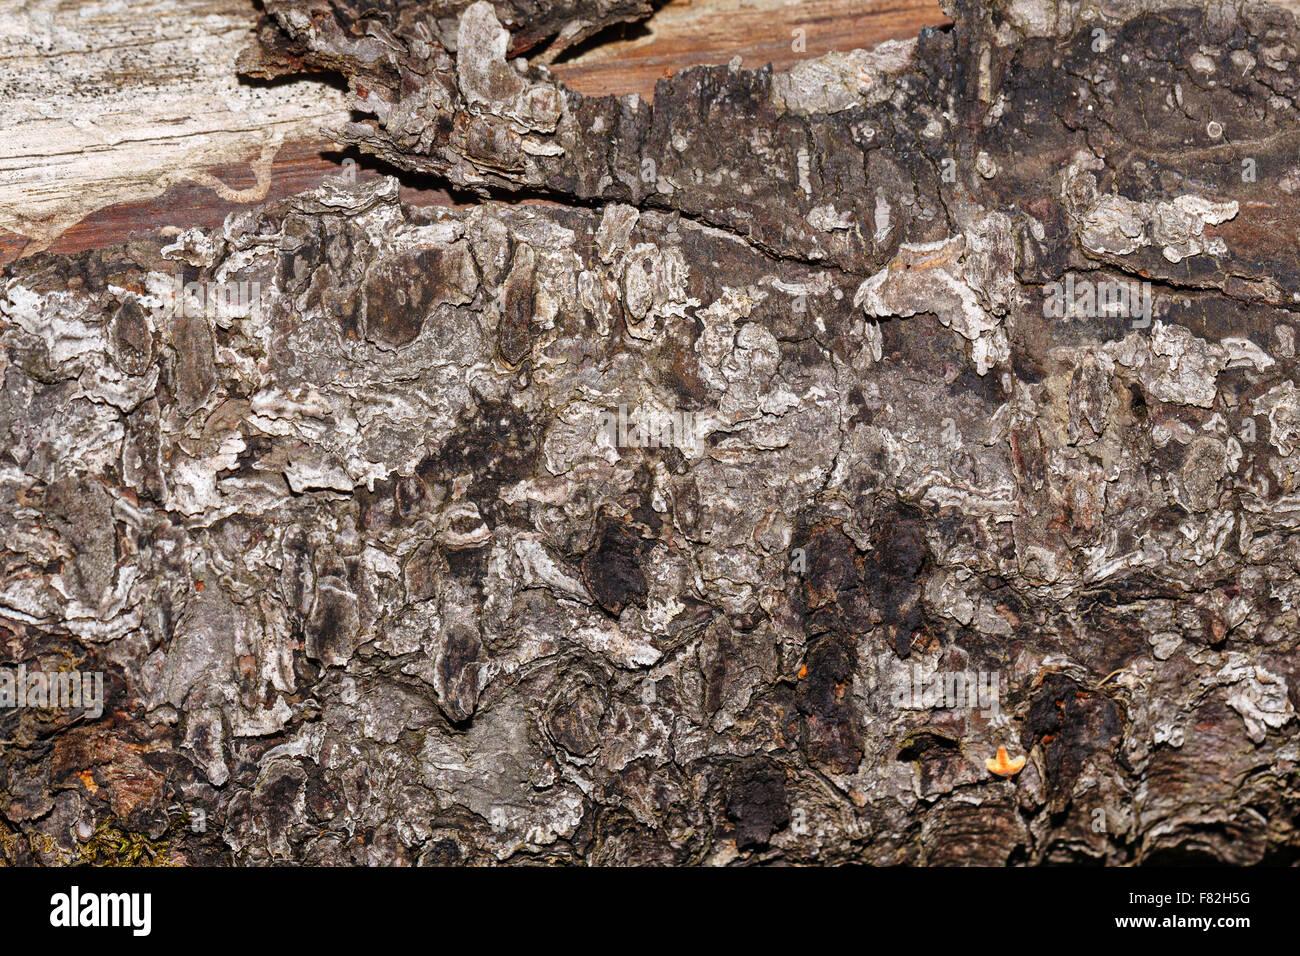 Écorce de pin le coffre arrière-plan. Arbre généalogique. Texture grunge. Banque D'Images